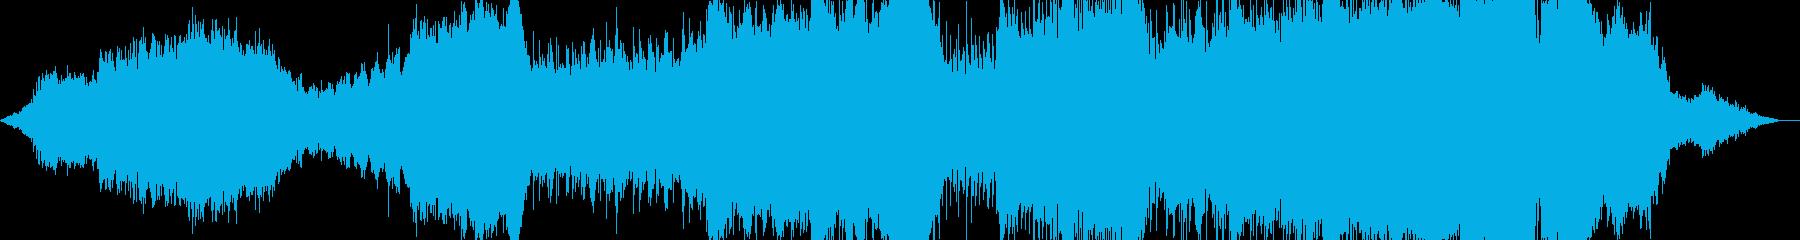 ライブオーケストラ、ライブソロソプ...の再生済みの波形